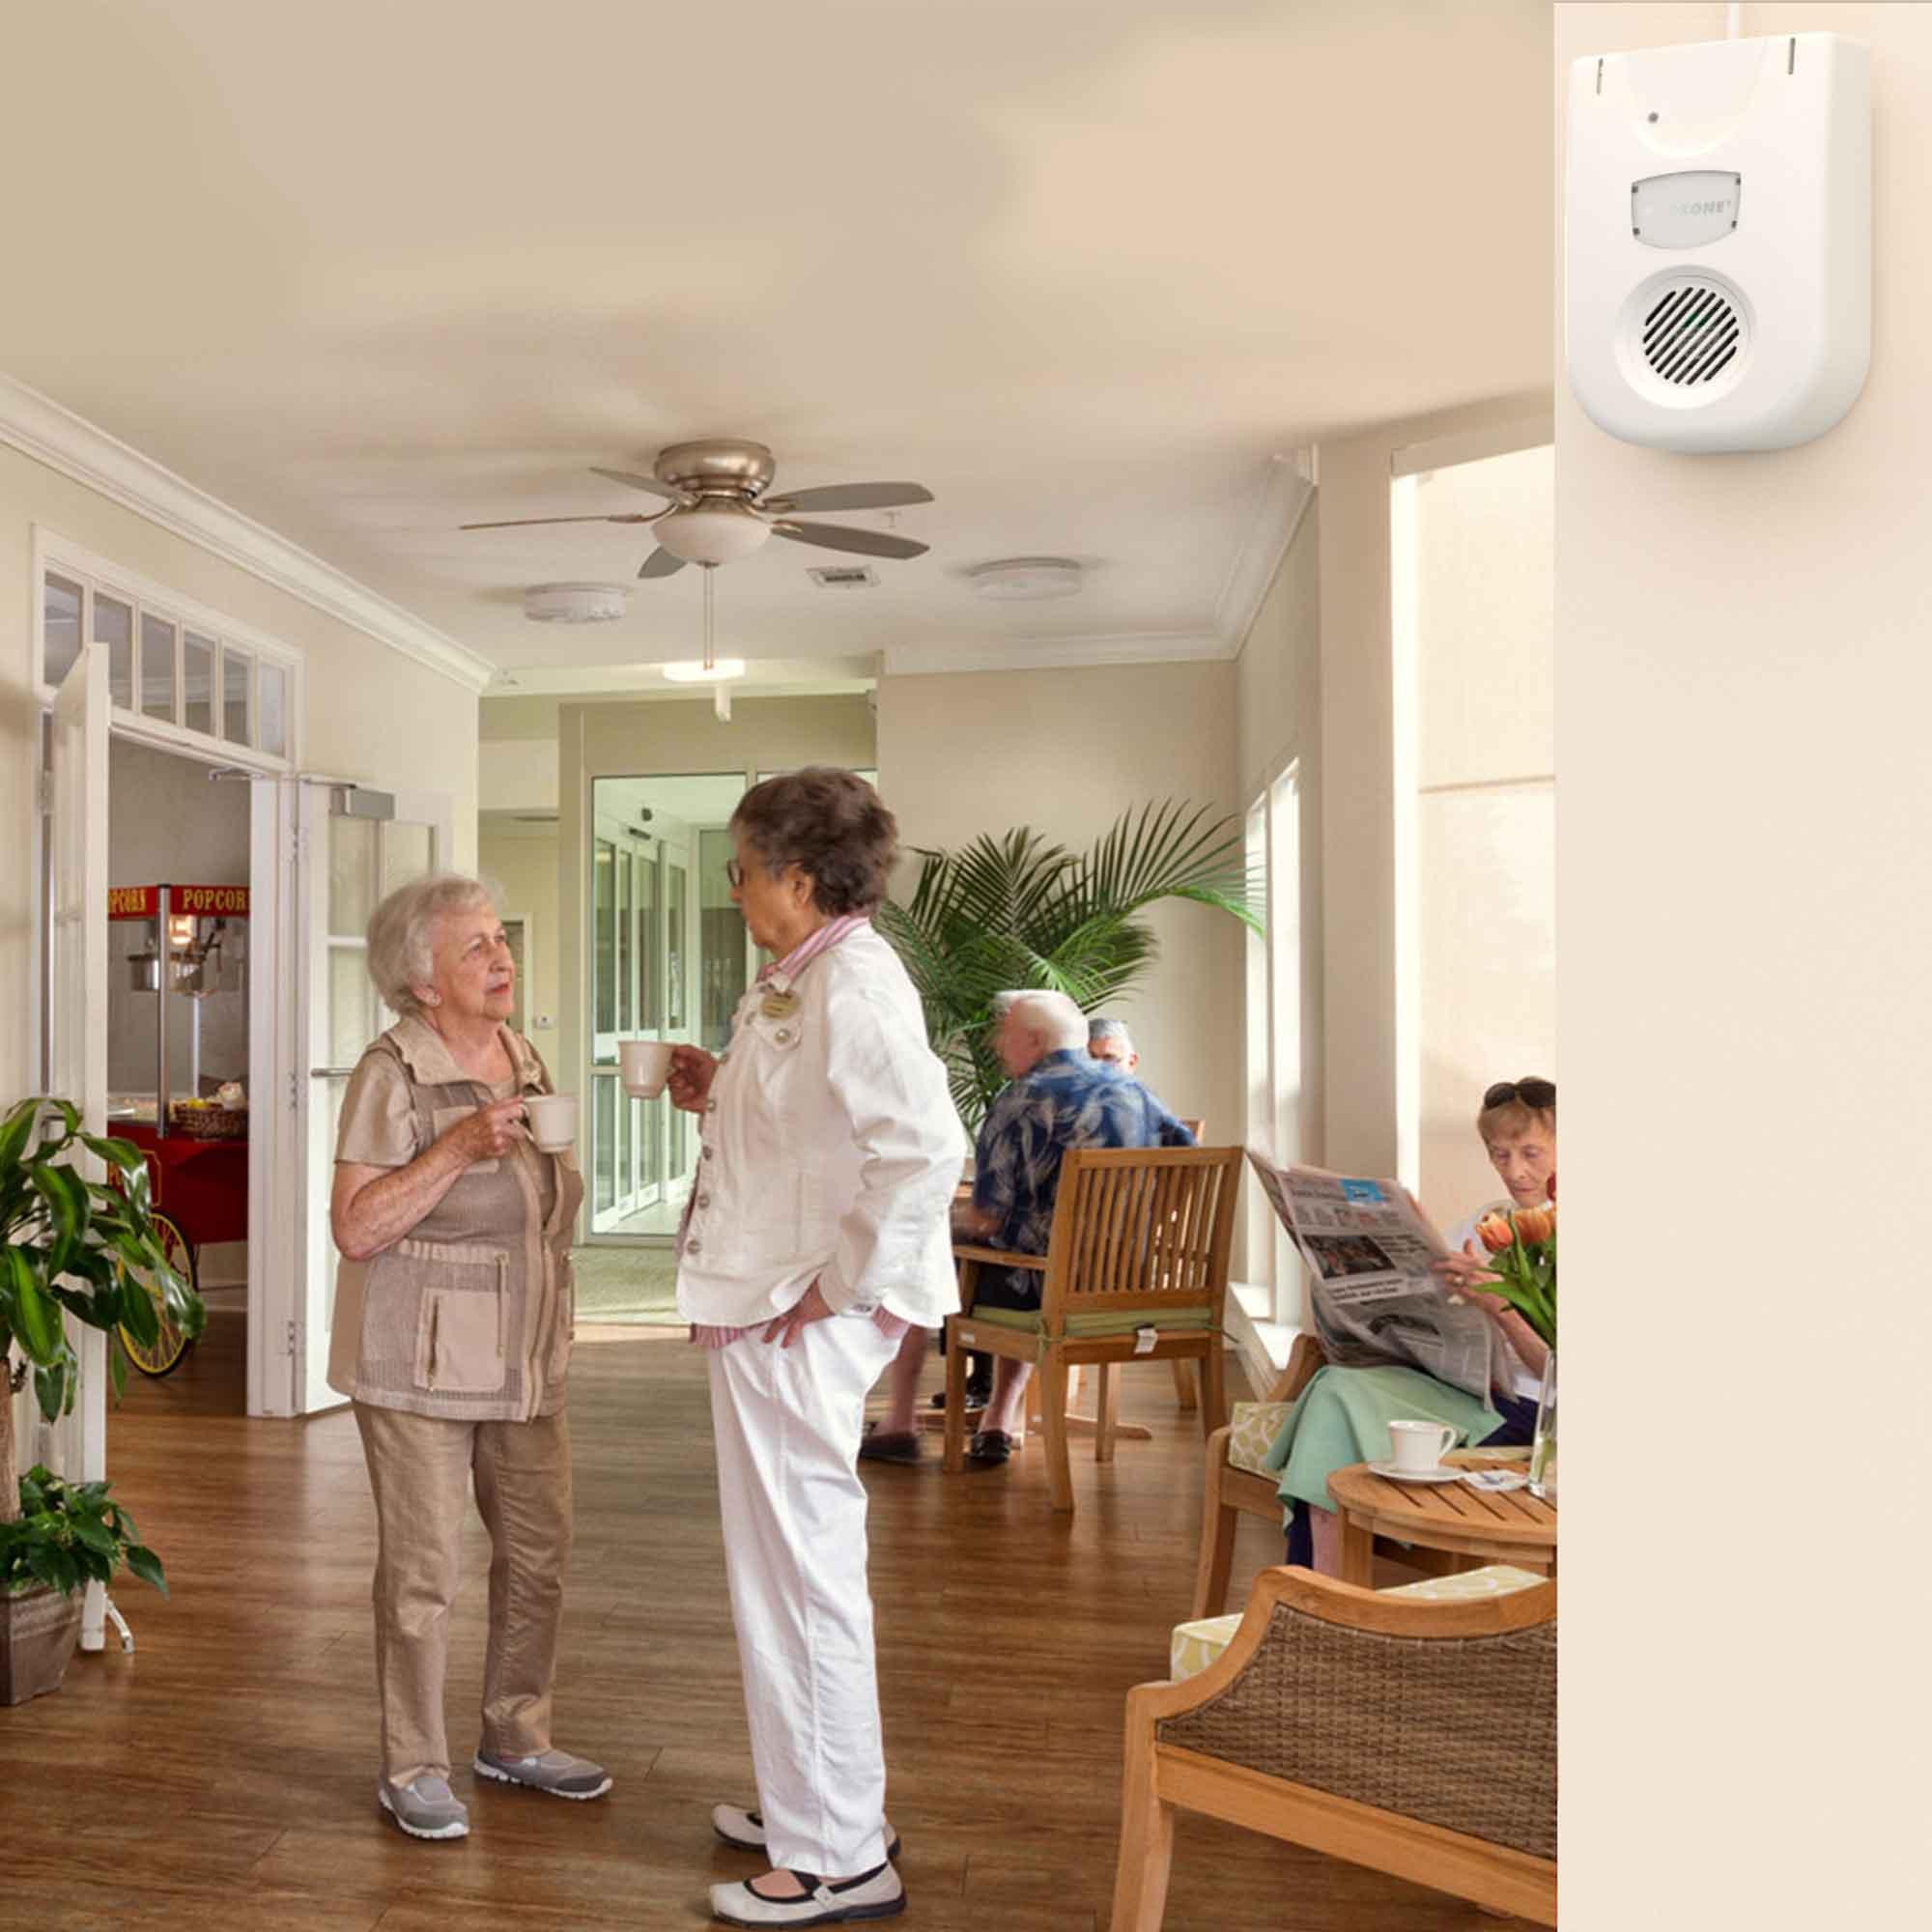 Prozone® Ozone Generator - Care Home